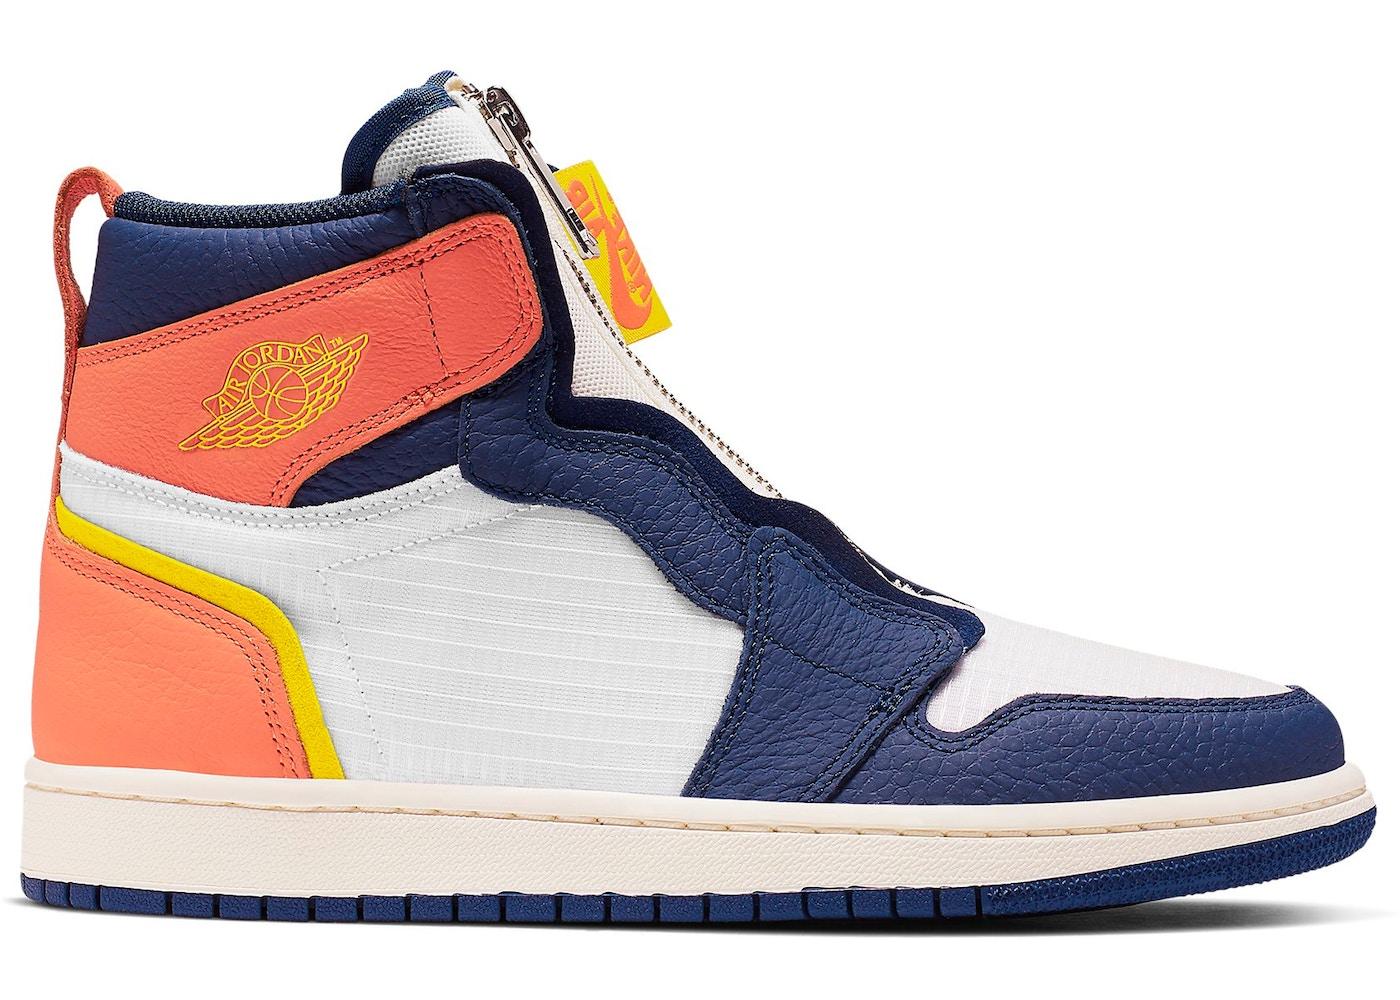 Jordan 1 Retro High Zip Blue Void Turf Orange (W) - AQ3742-100 0cc8c6981